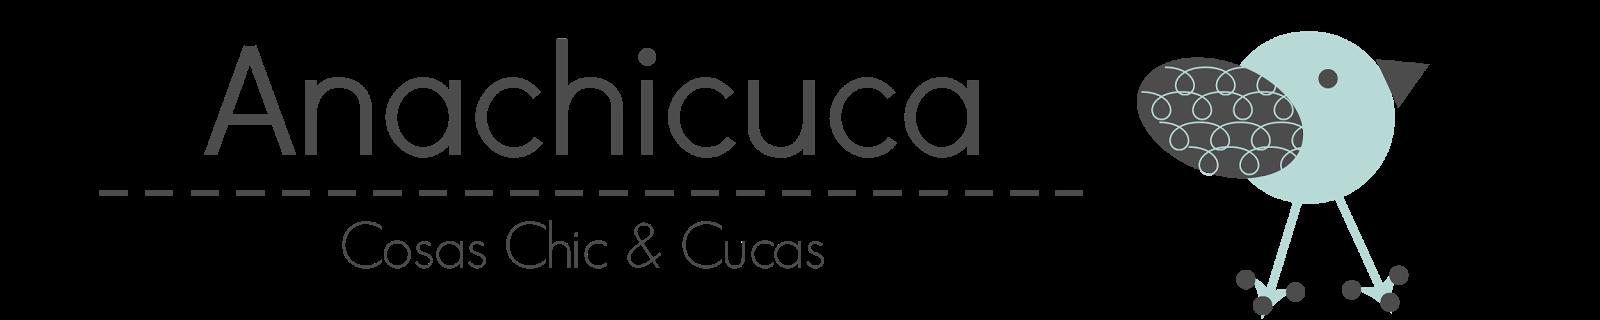 Anachicuca